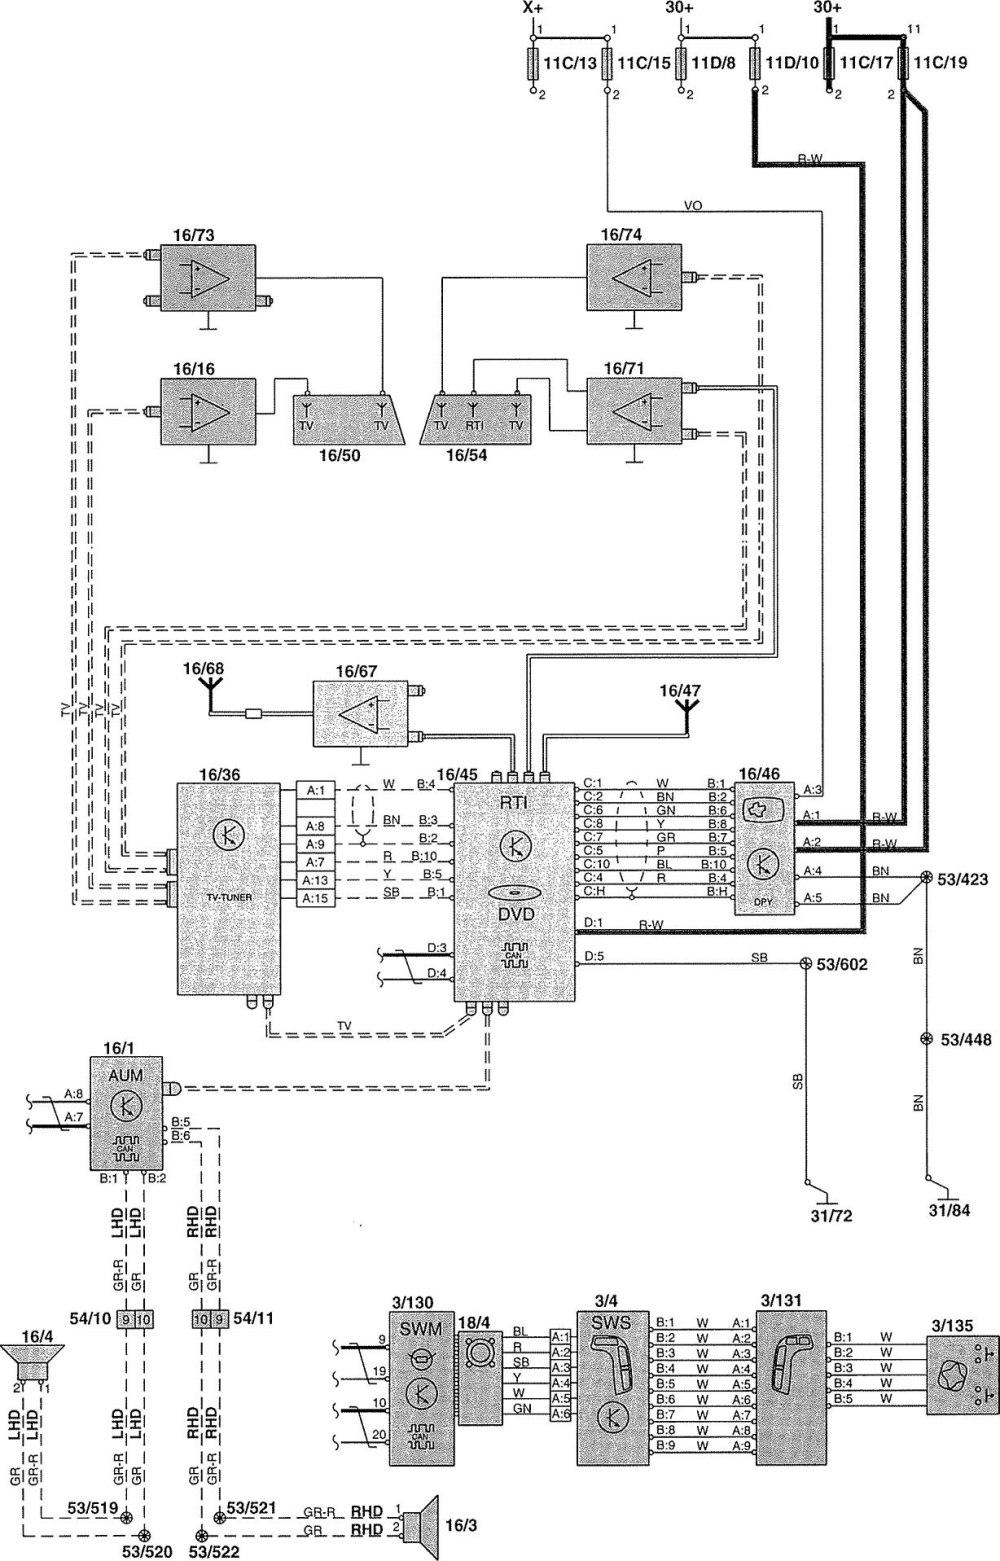 medium resolution of wiring diagram volvo v70 2004 wiring diagrams 1998 volvo s70 parts diagram volvo s80 wiring